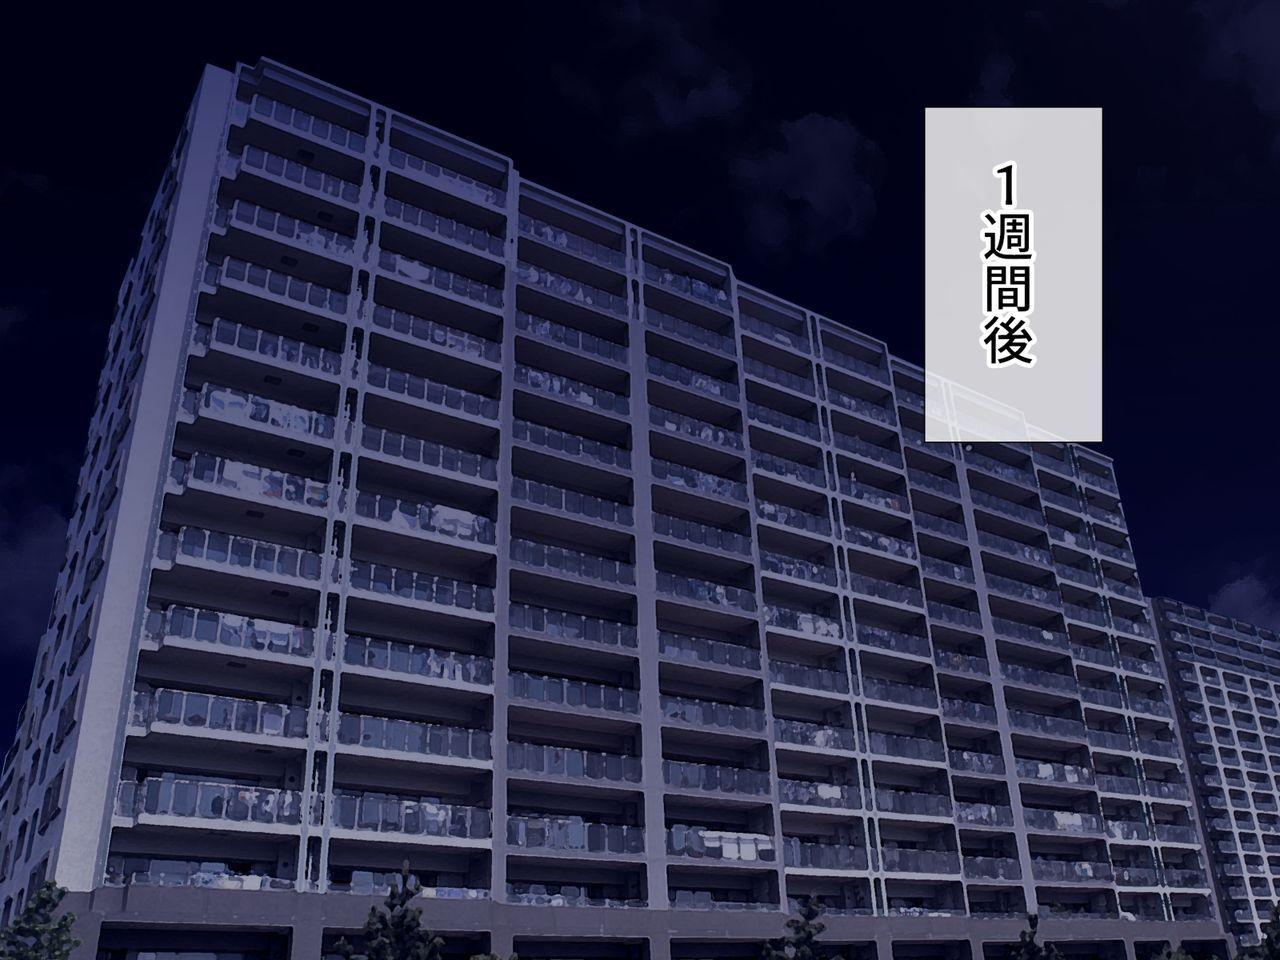 Uchiki na Jyumai ga Ore no Tame ni Karada o Kitaeta Kekka 24